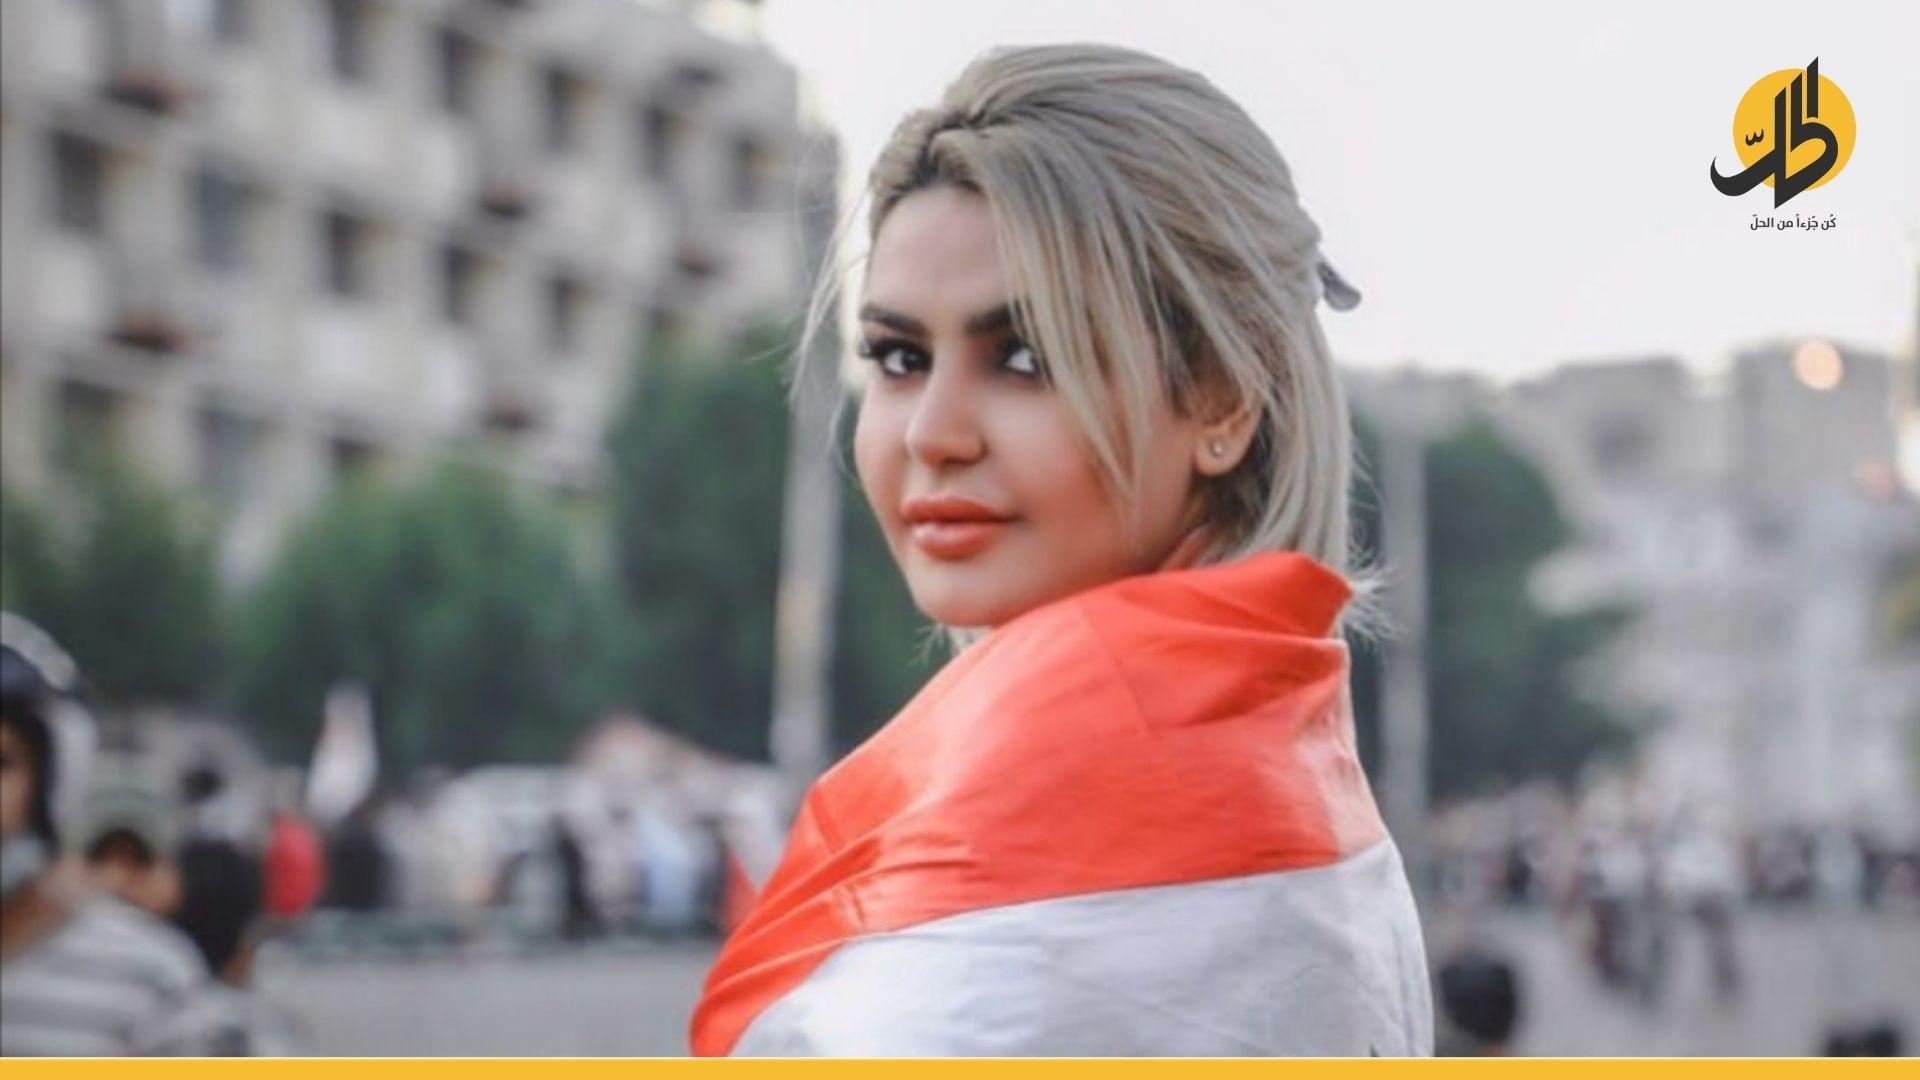 اختيار آن صلاح أفضل إعلامية عراقية لعام 2021